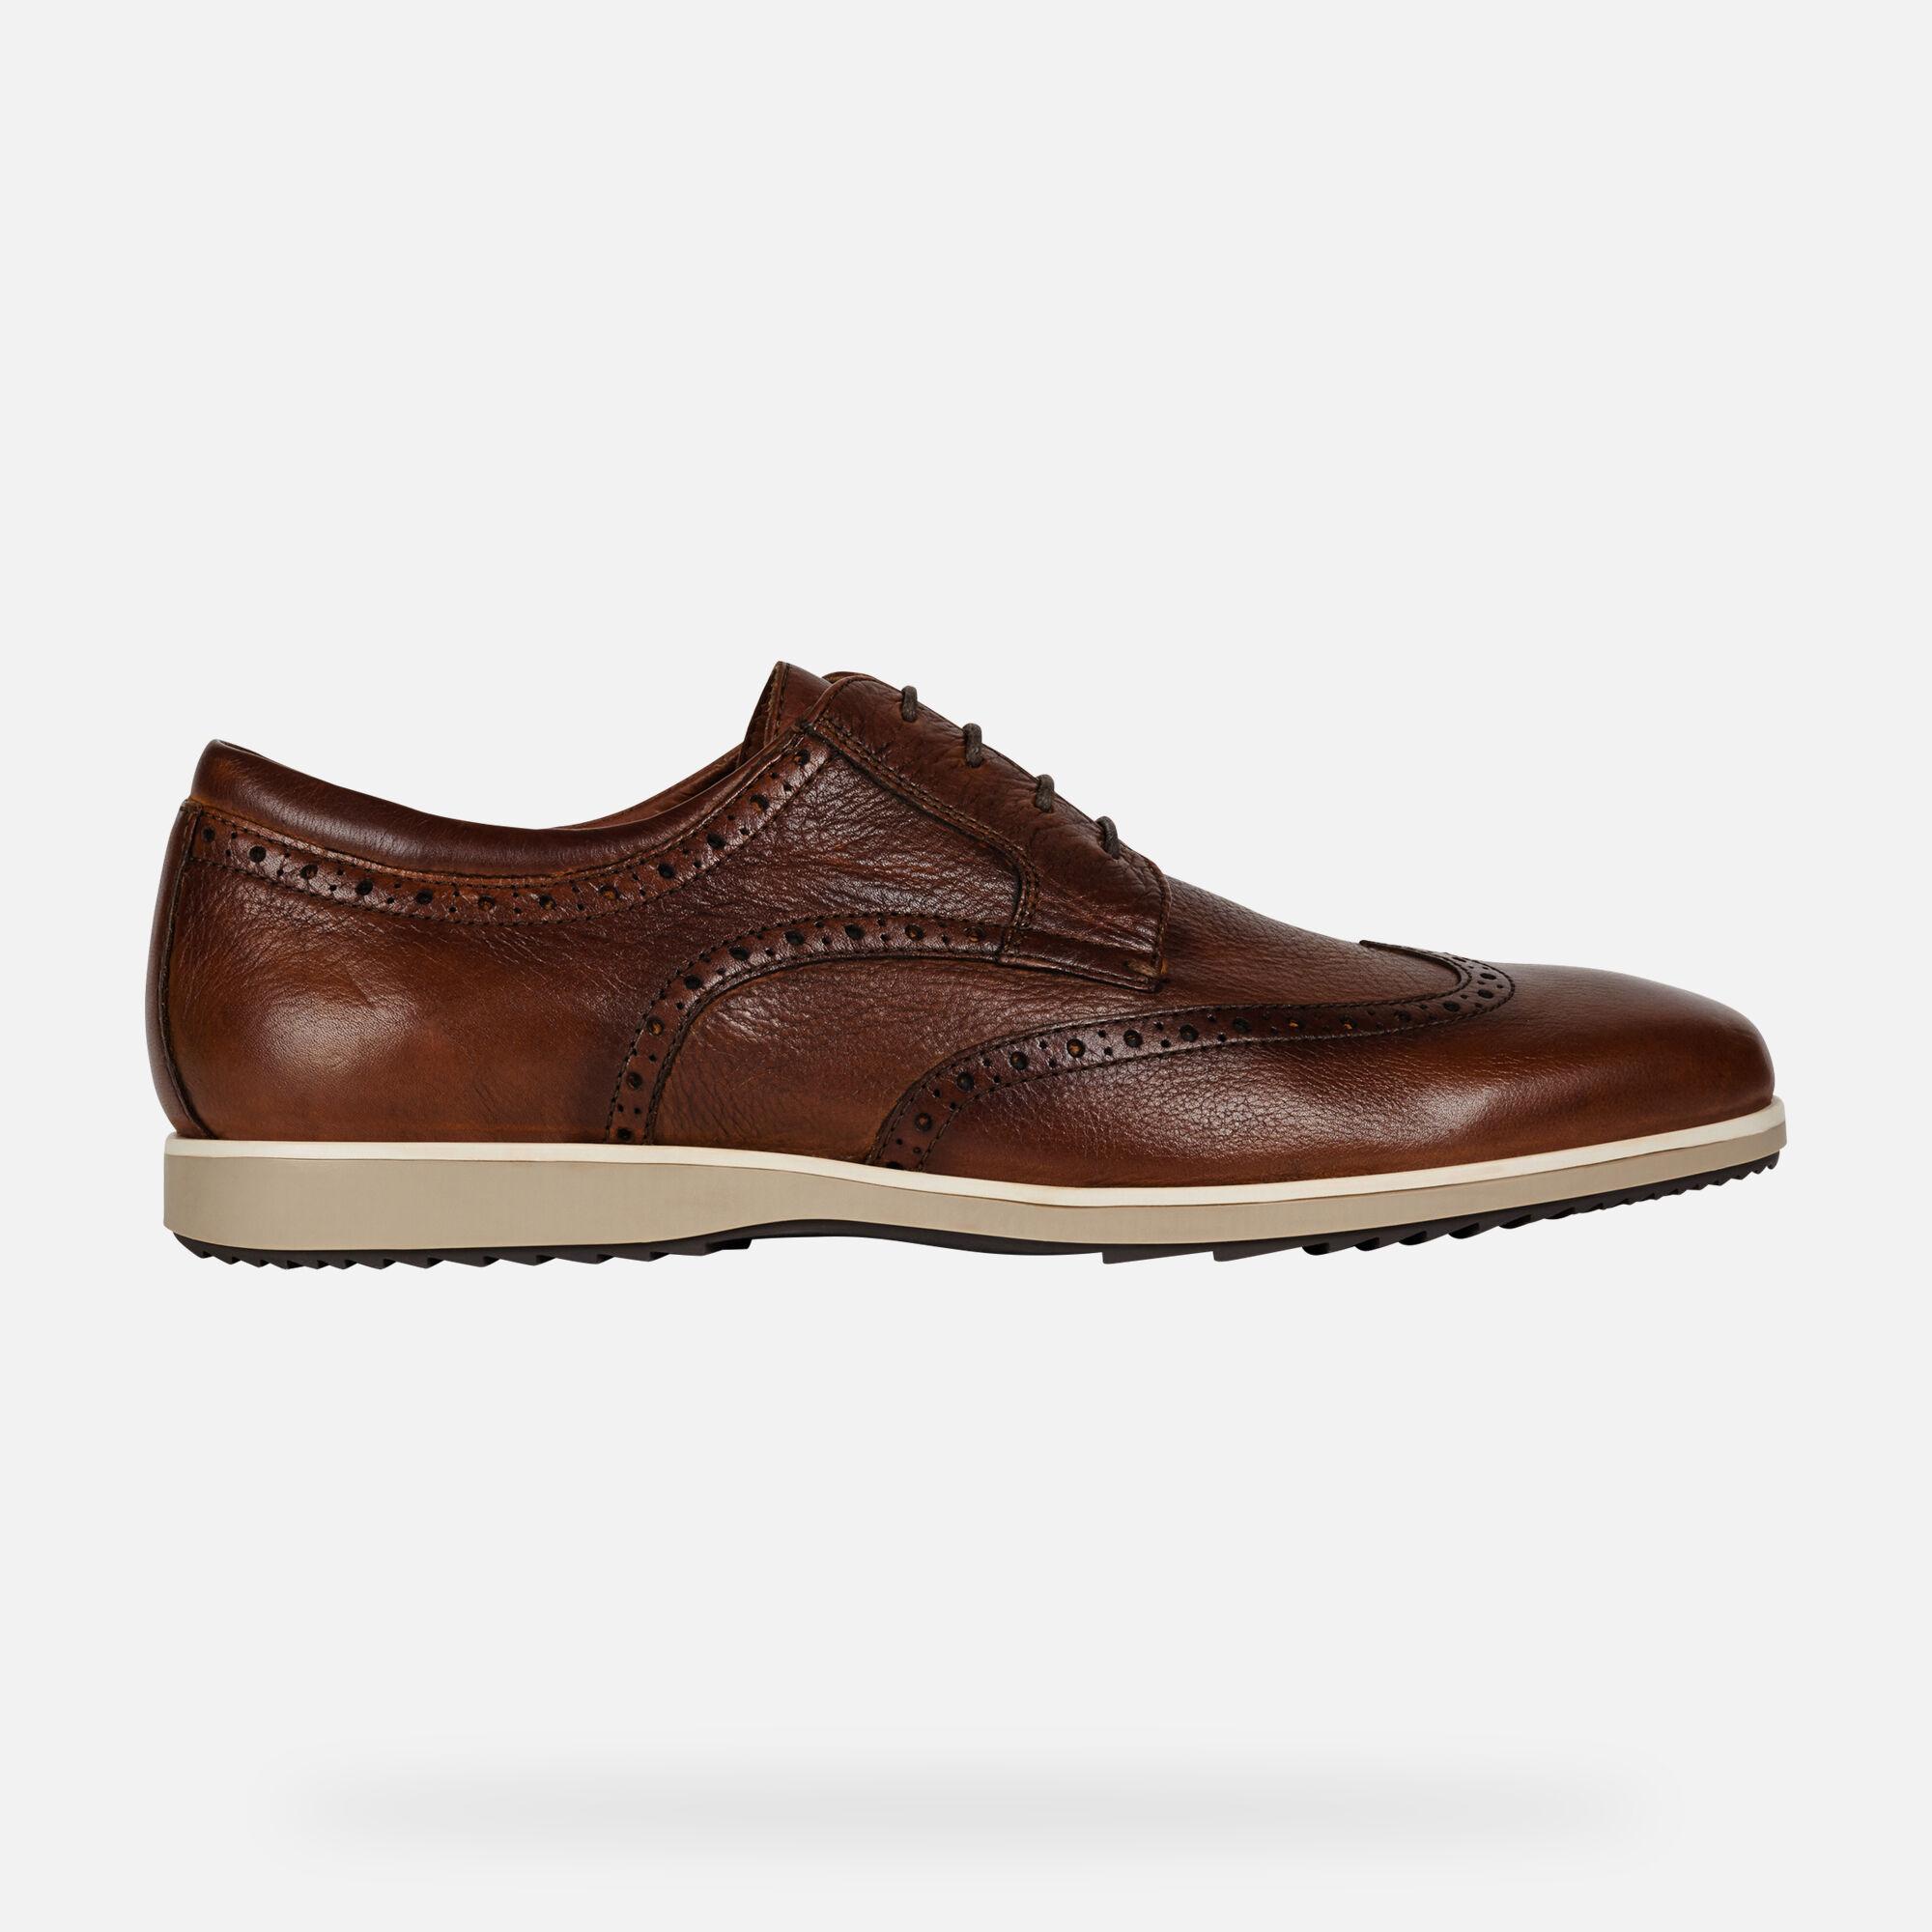 De De HommeGeox Blainey Chaussures Décontractées HommeGeox Décontractées Blainey Blainey Chaussures Chaussures thrsCQdx